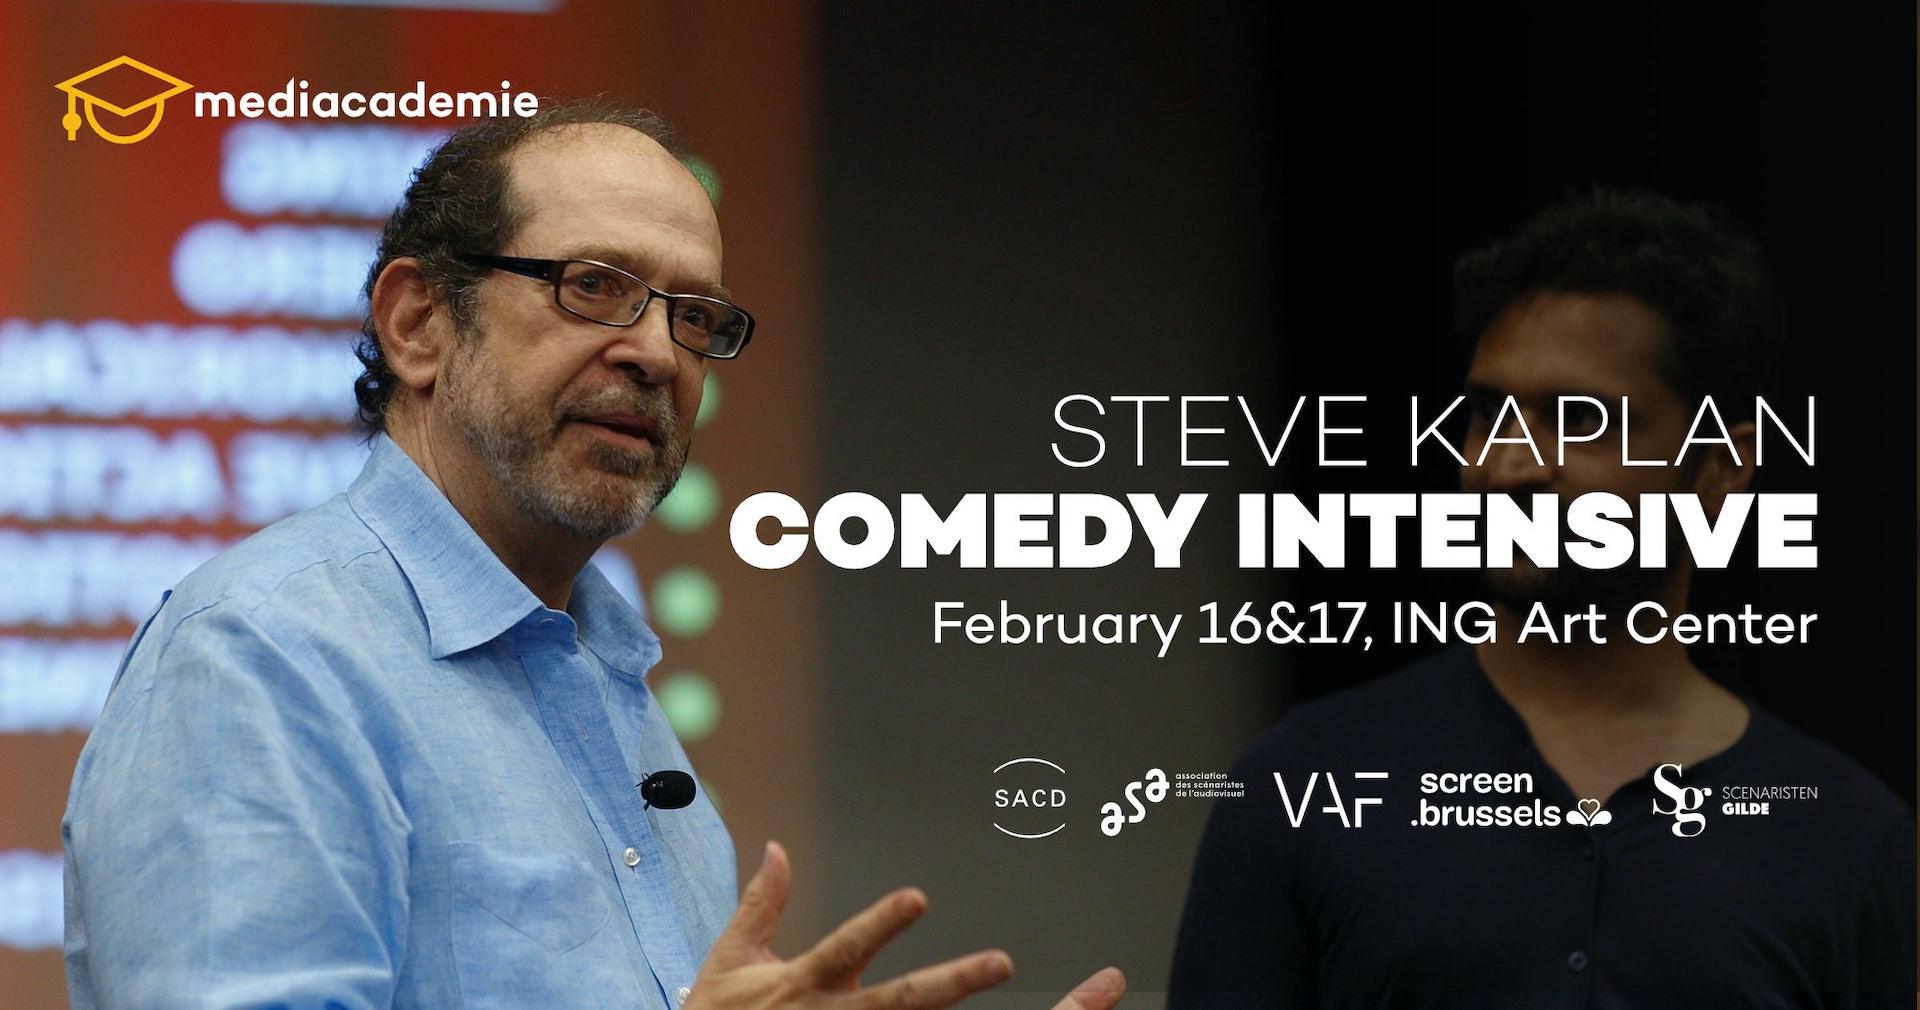 Steve Kaplan comedy intensive masterclass